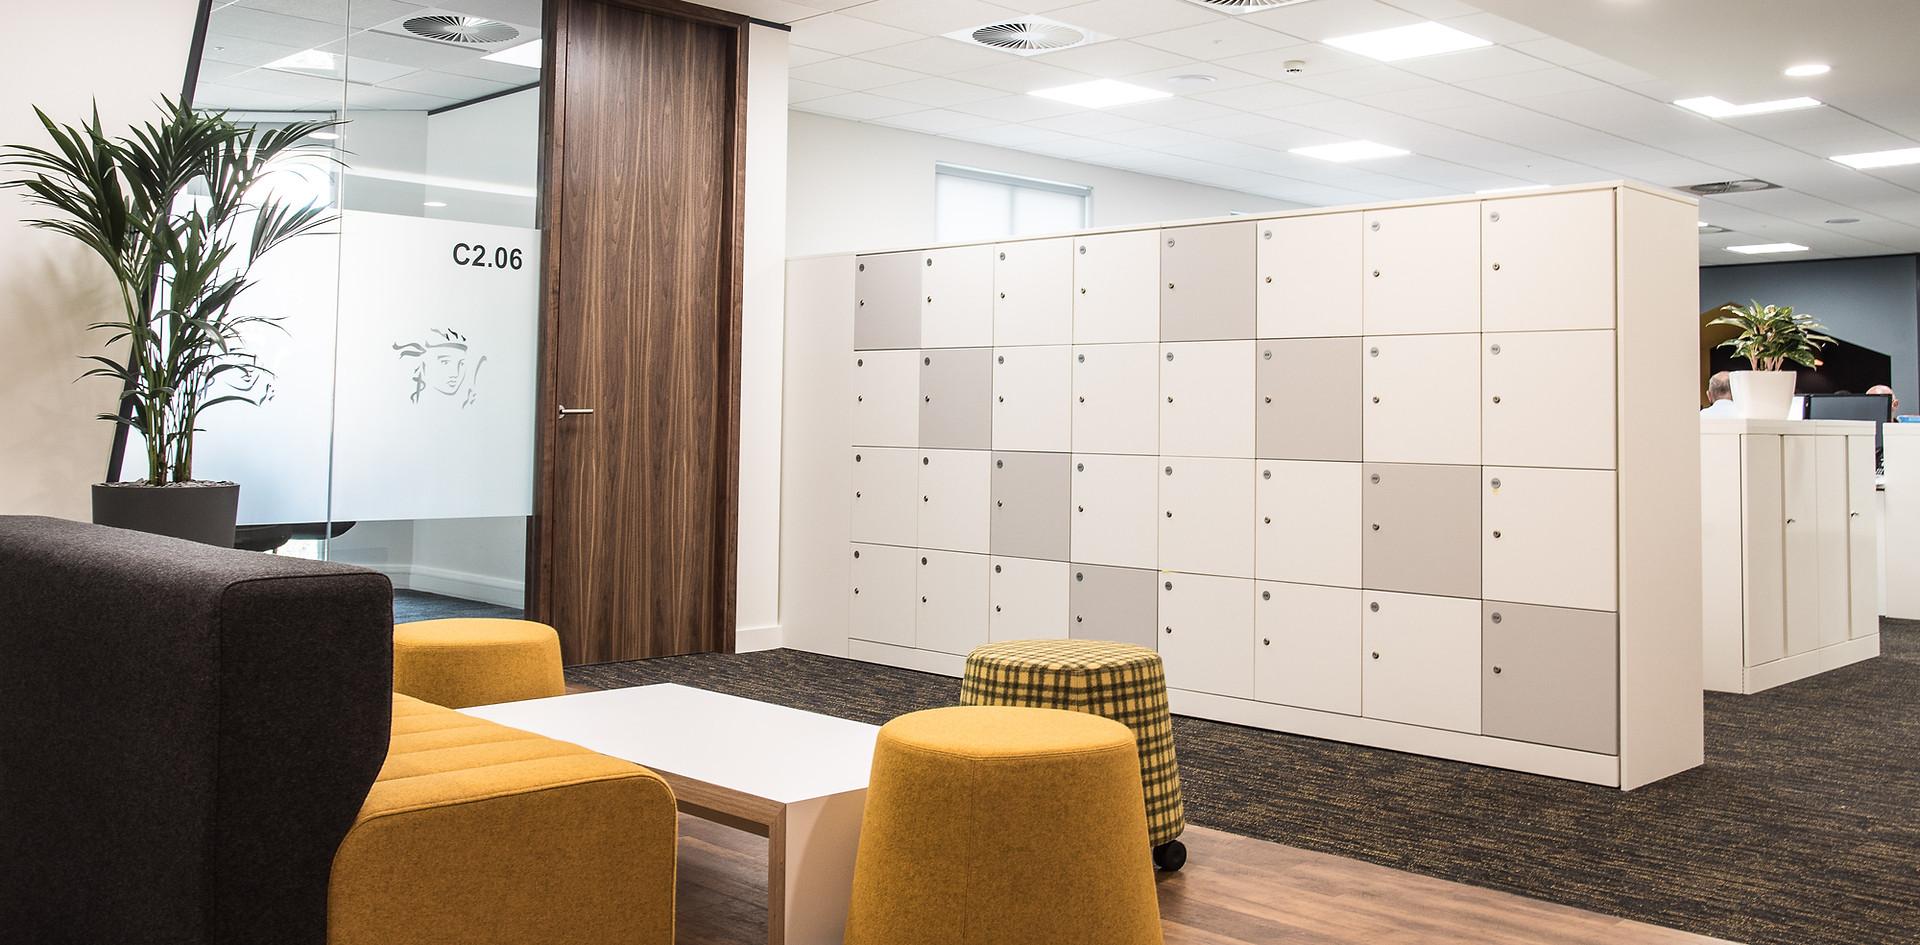 free standing agile workplace hot desk lockers key lock